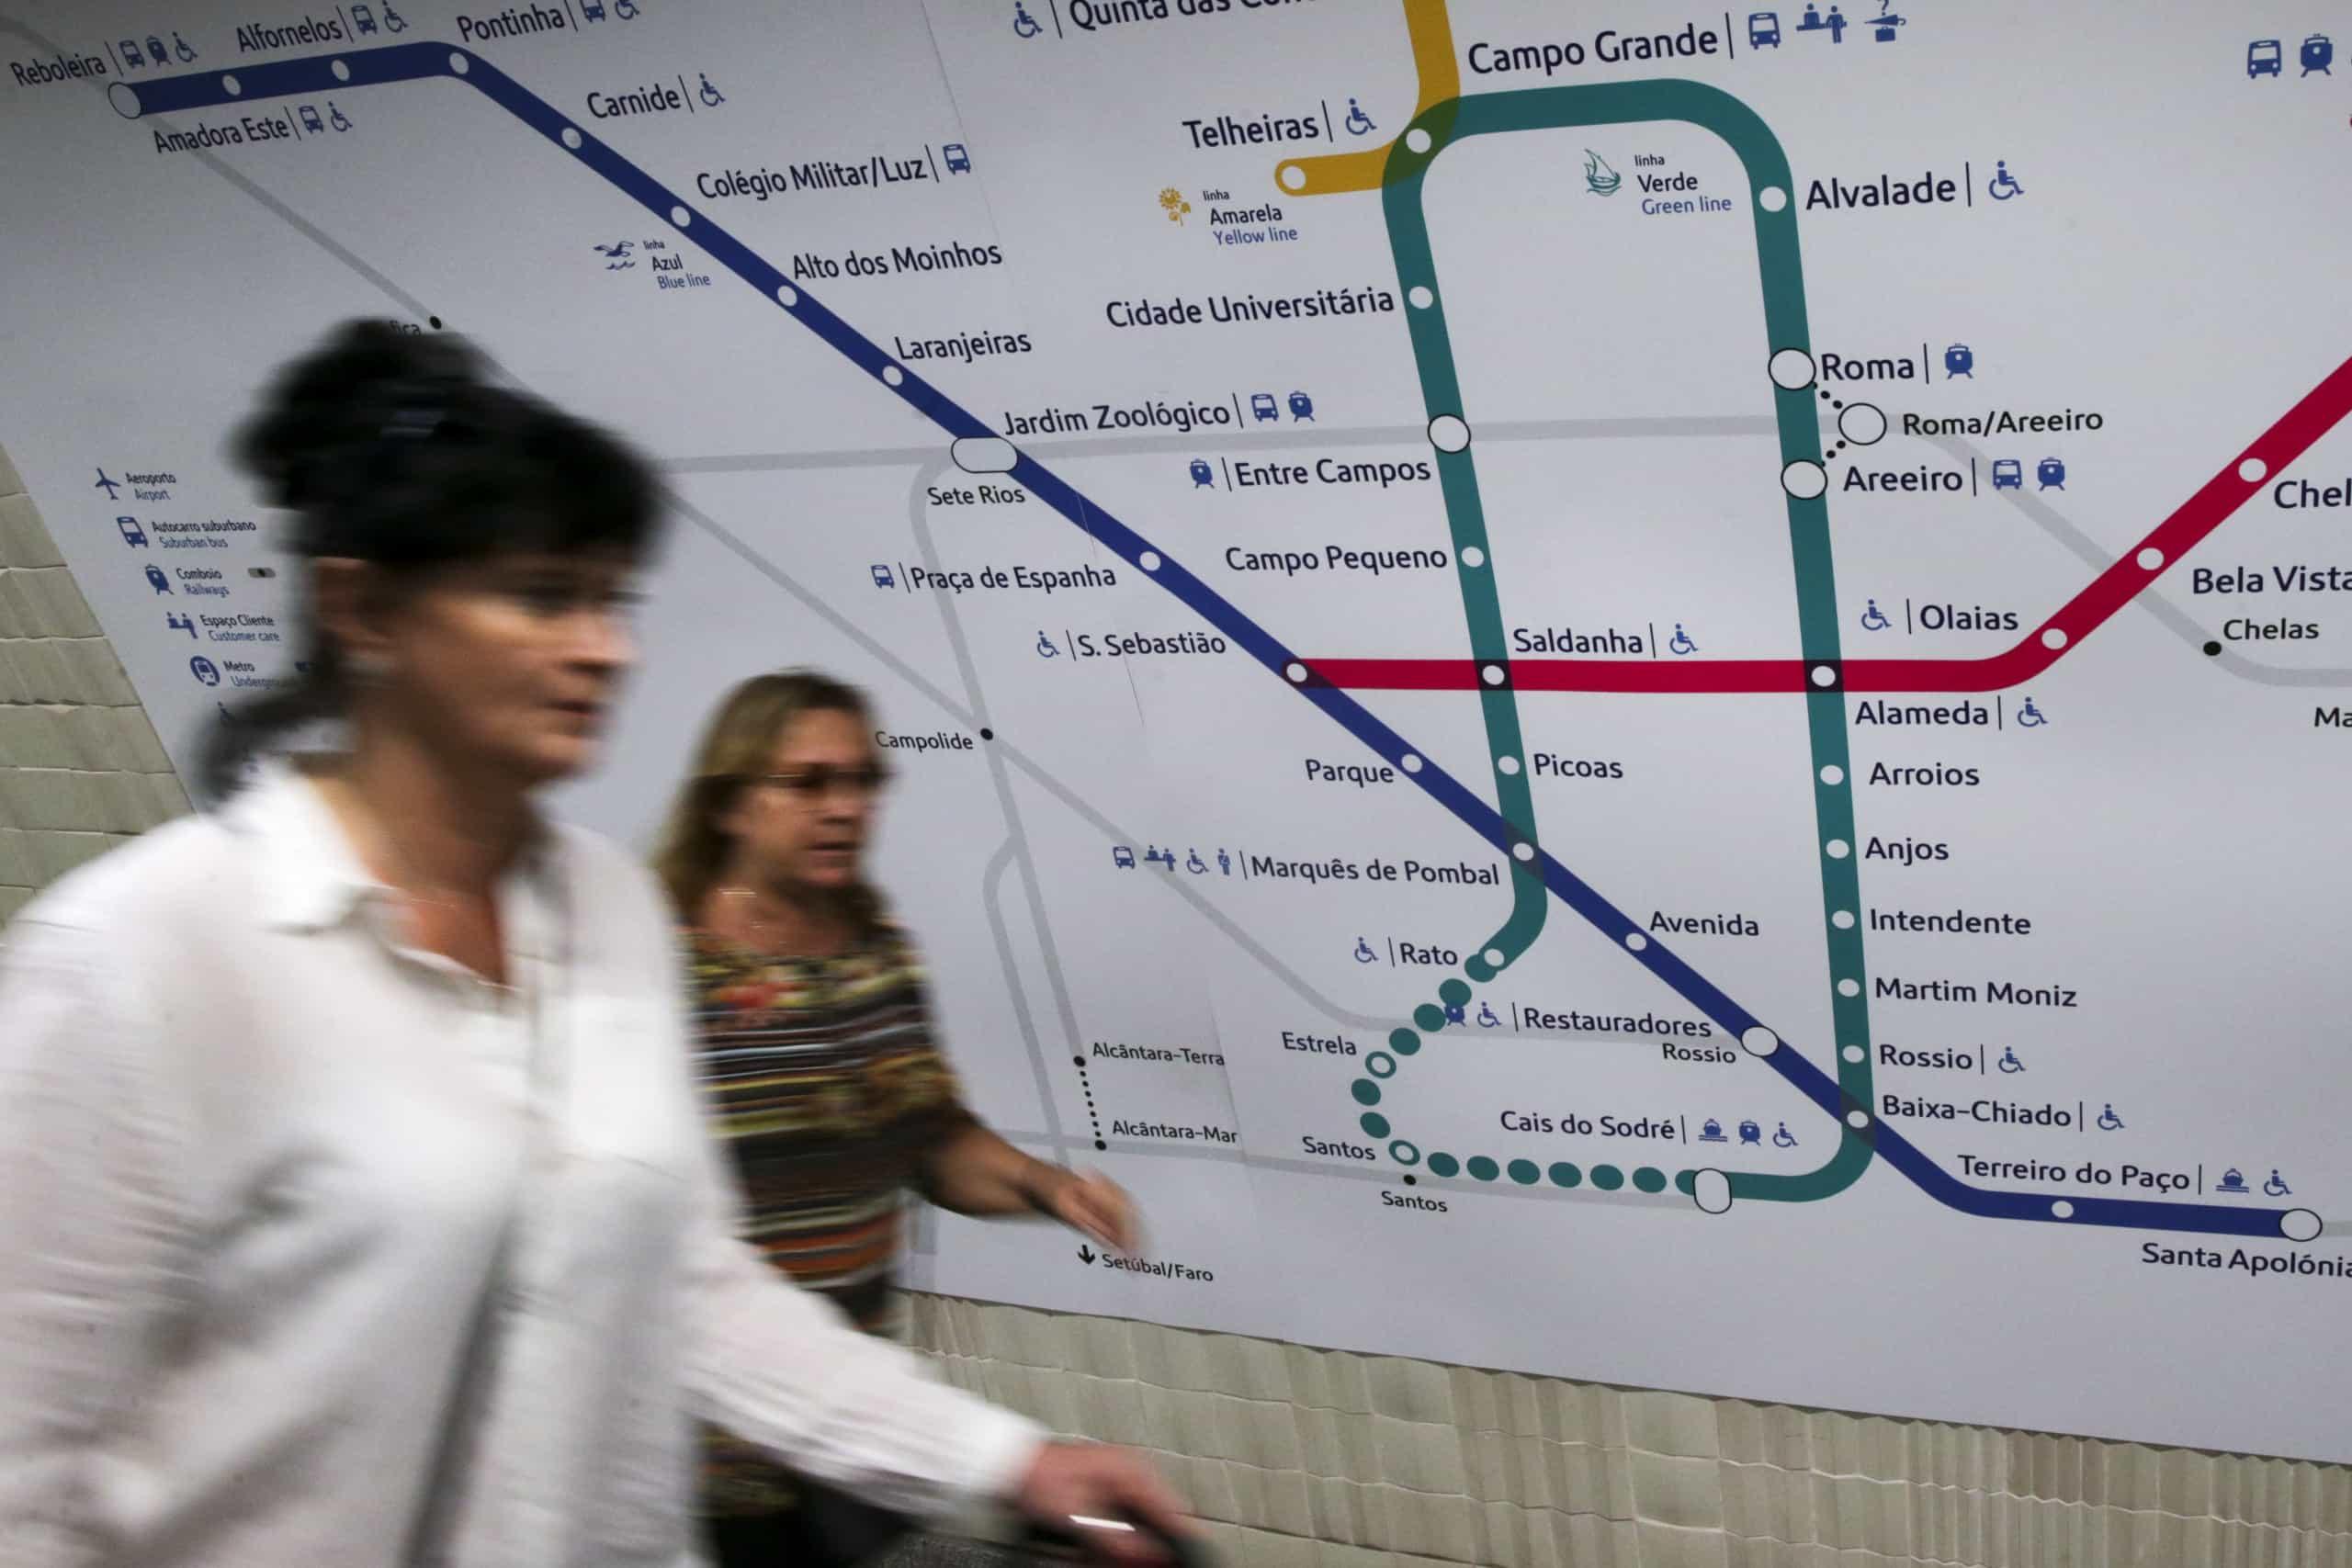 Estações de metro da Almirante Reis acolhem festival artístico